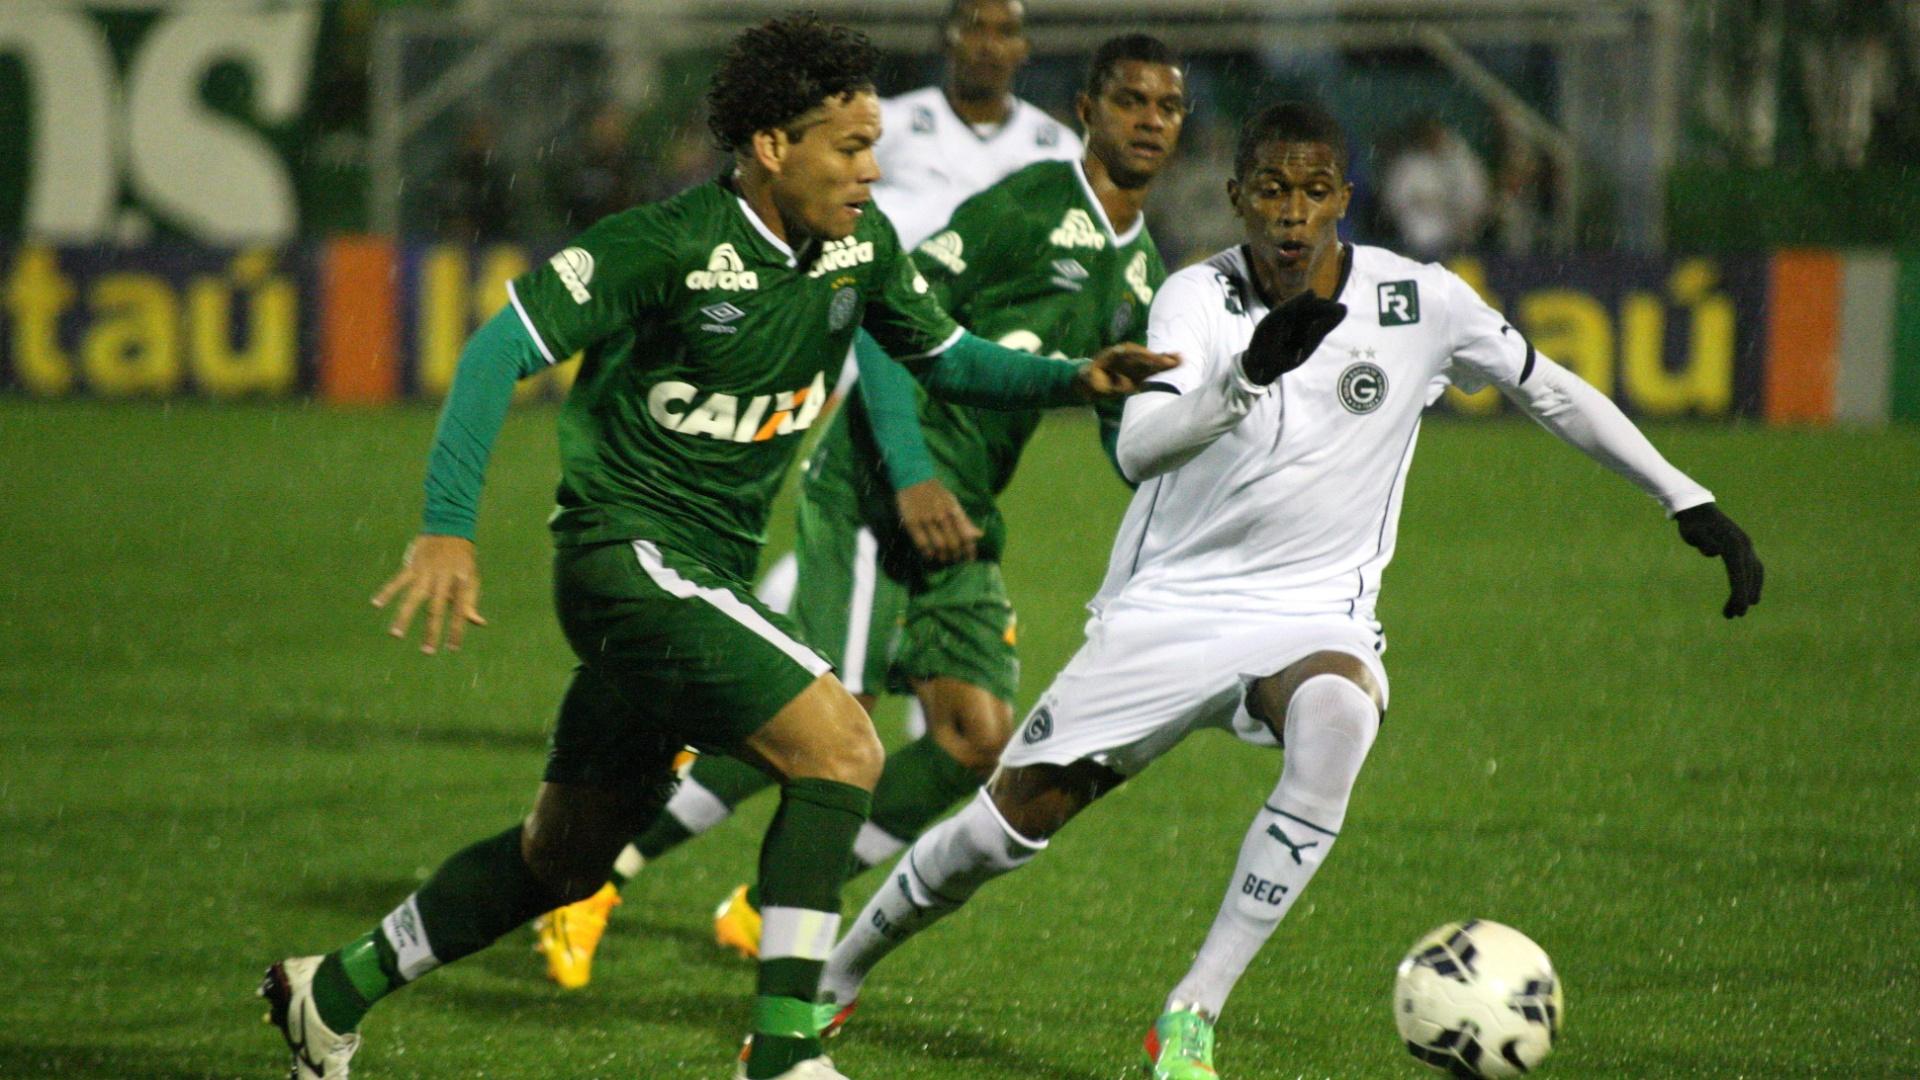 Thiago Mendes, do Goiás, tenta ficar com a bola e é marcado por Camilo, da Chapecoense, na partida entre as equipes pelo Campeonato Brasileiro